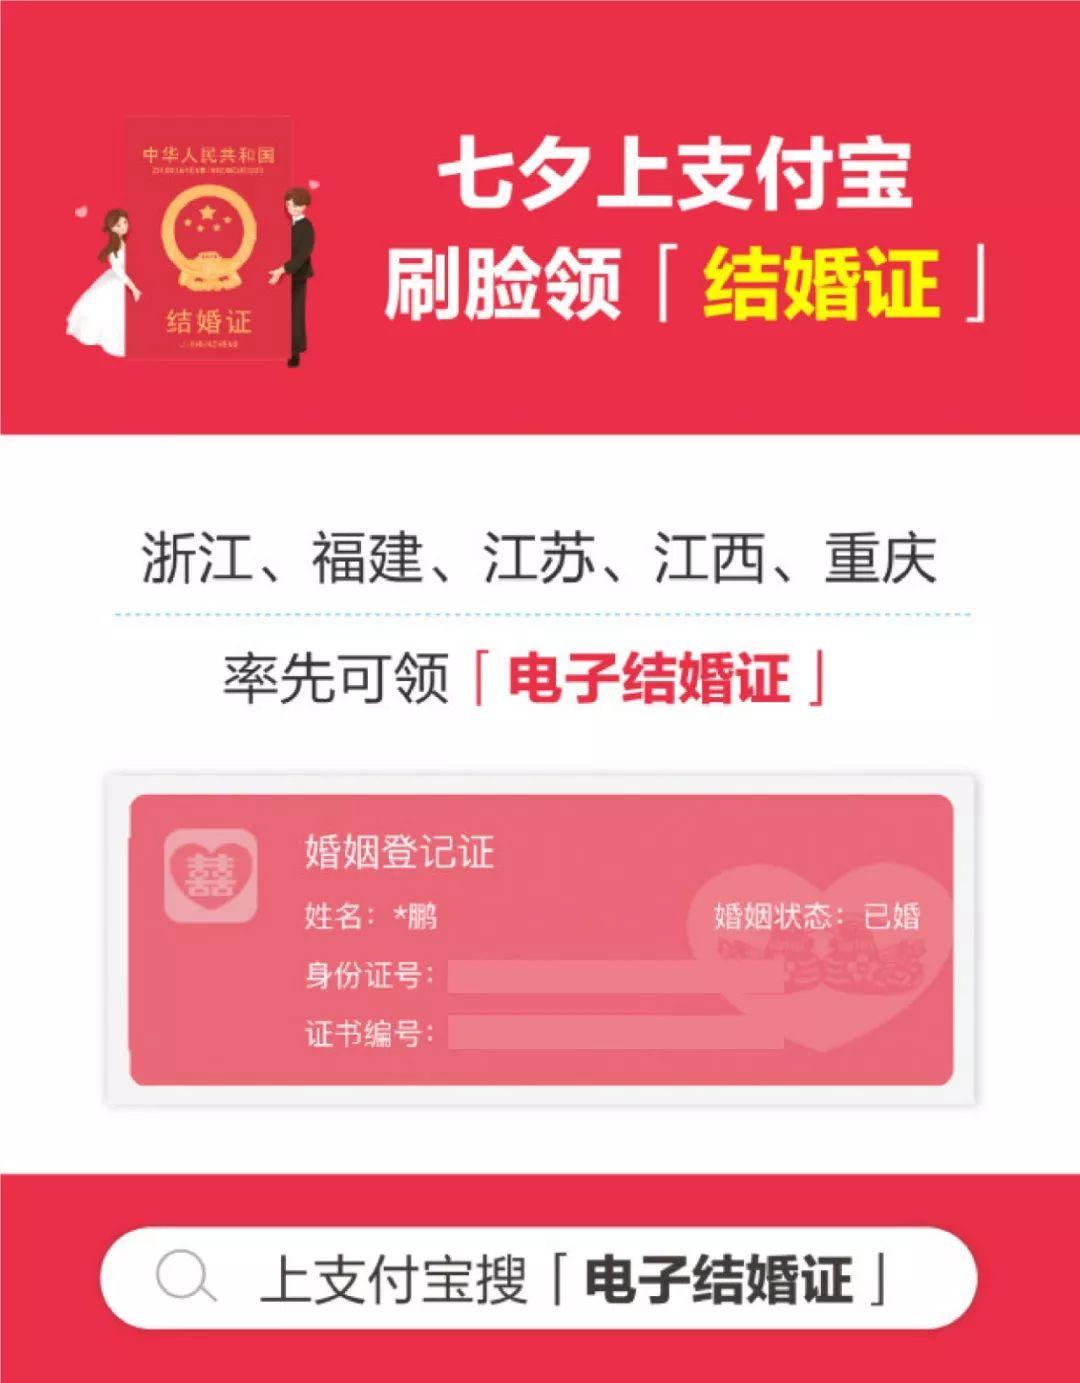 苹果或提供官方越狱版 iPhone / 荣耀智慧屏真机曝光 / 《风之旅人》登陆 iOS